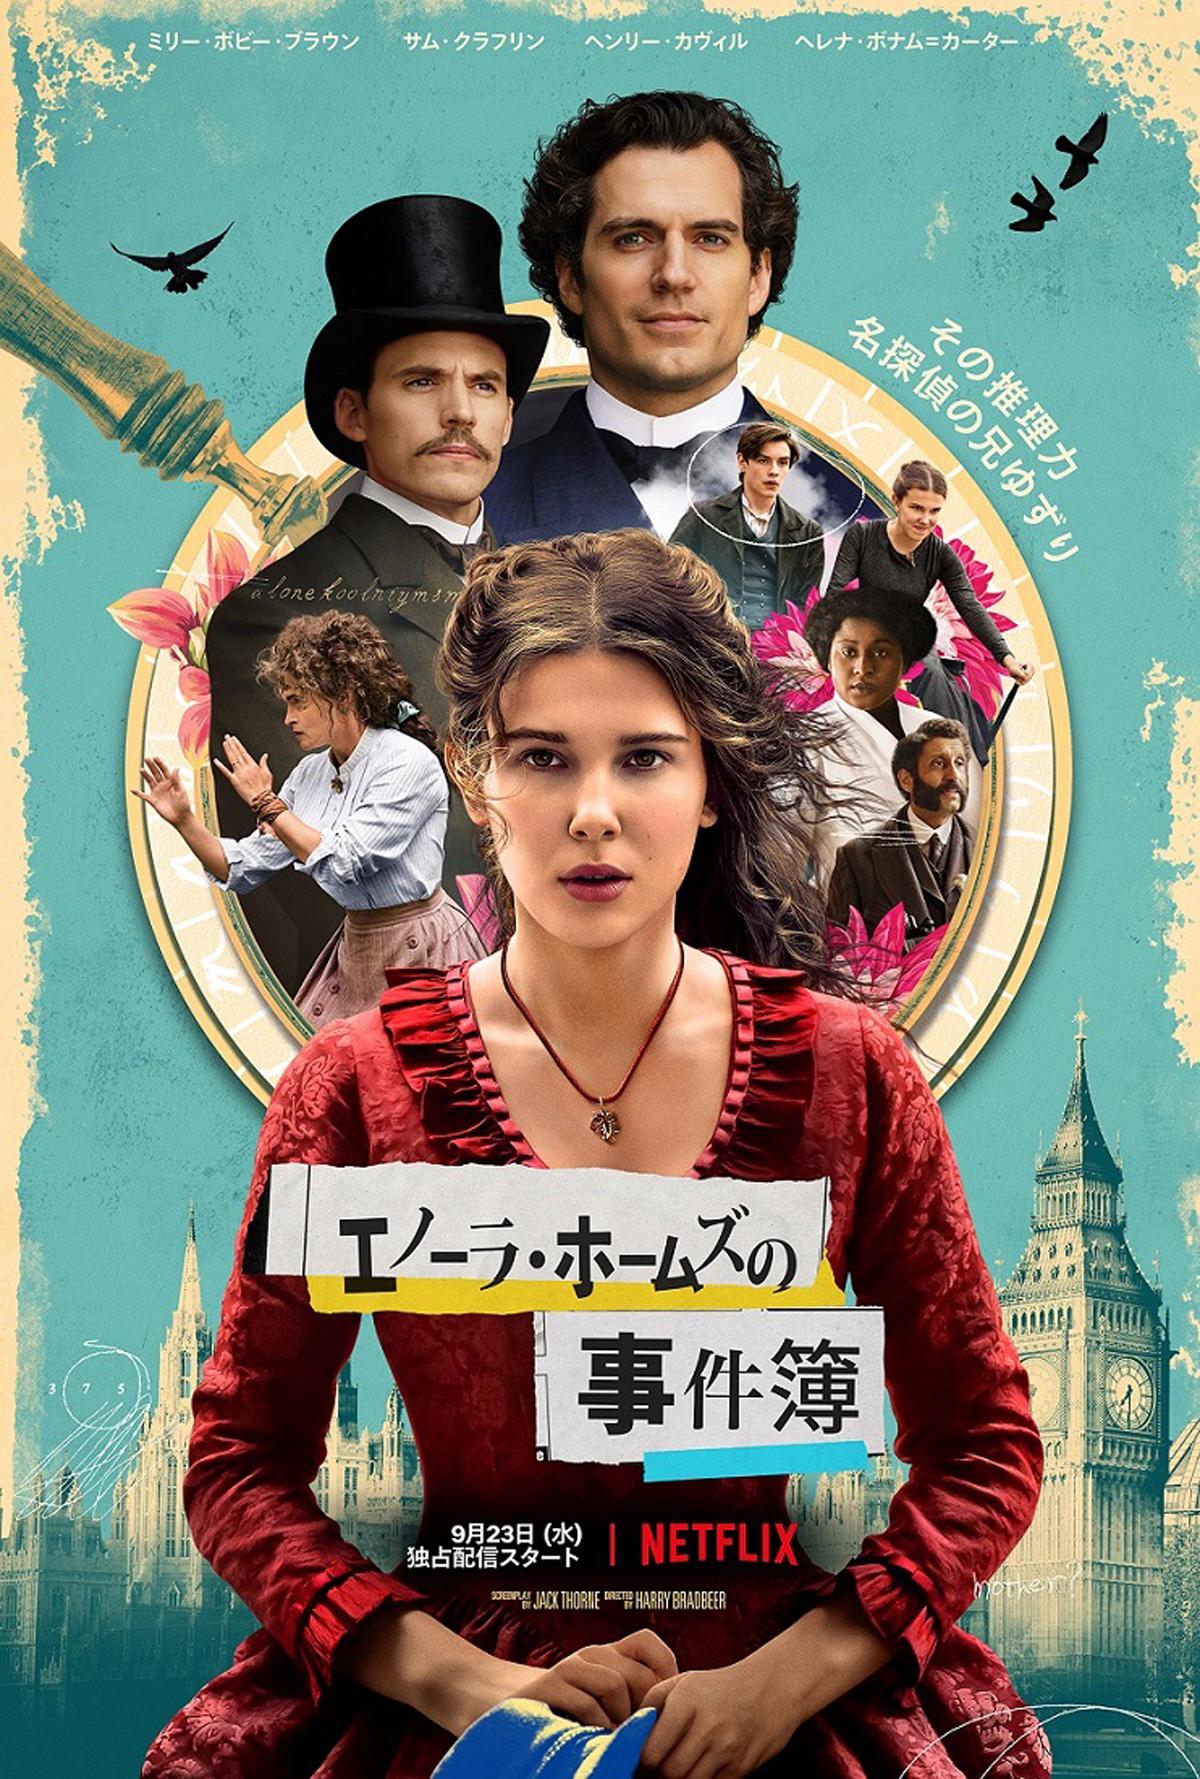 No1876 『エノーラ・ホームズの事件簿』